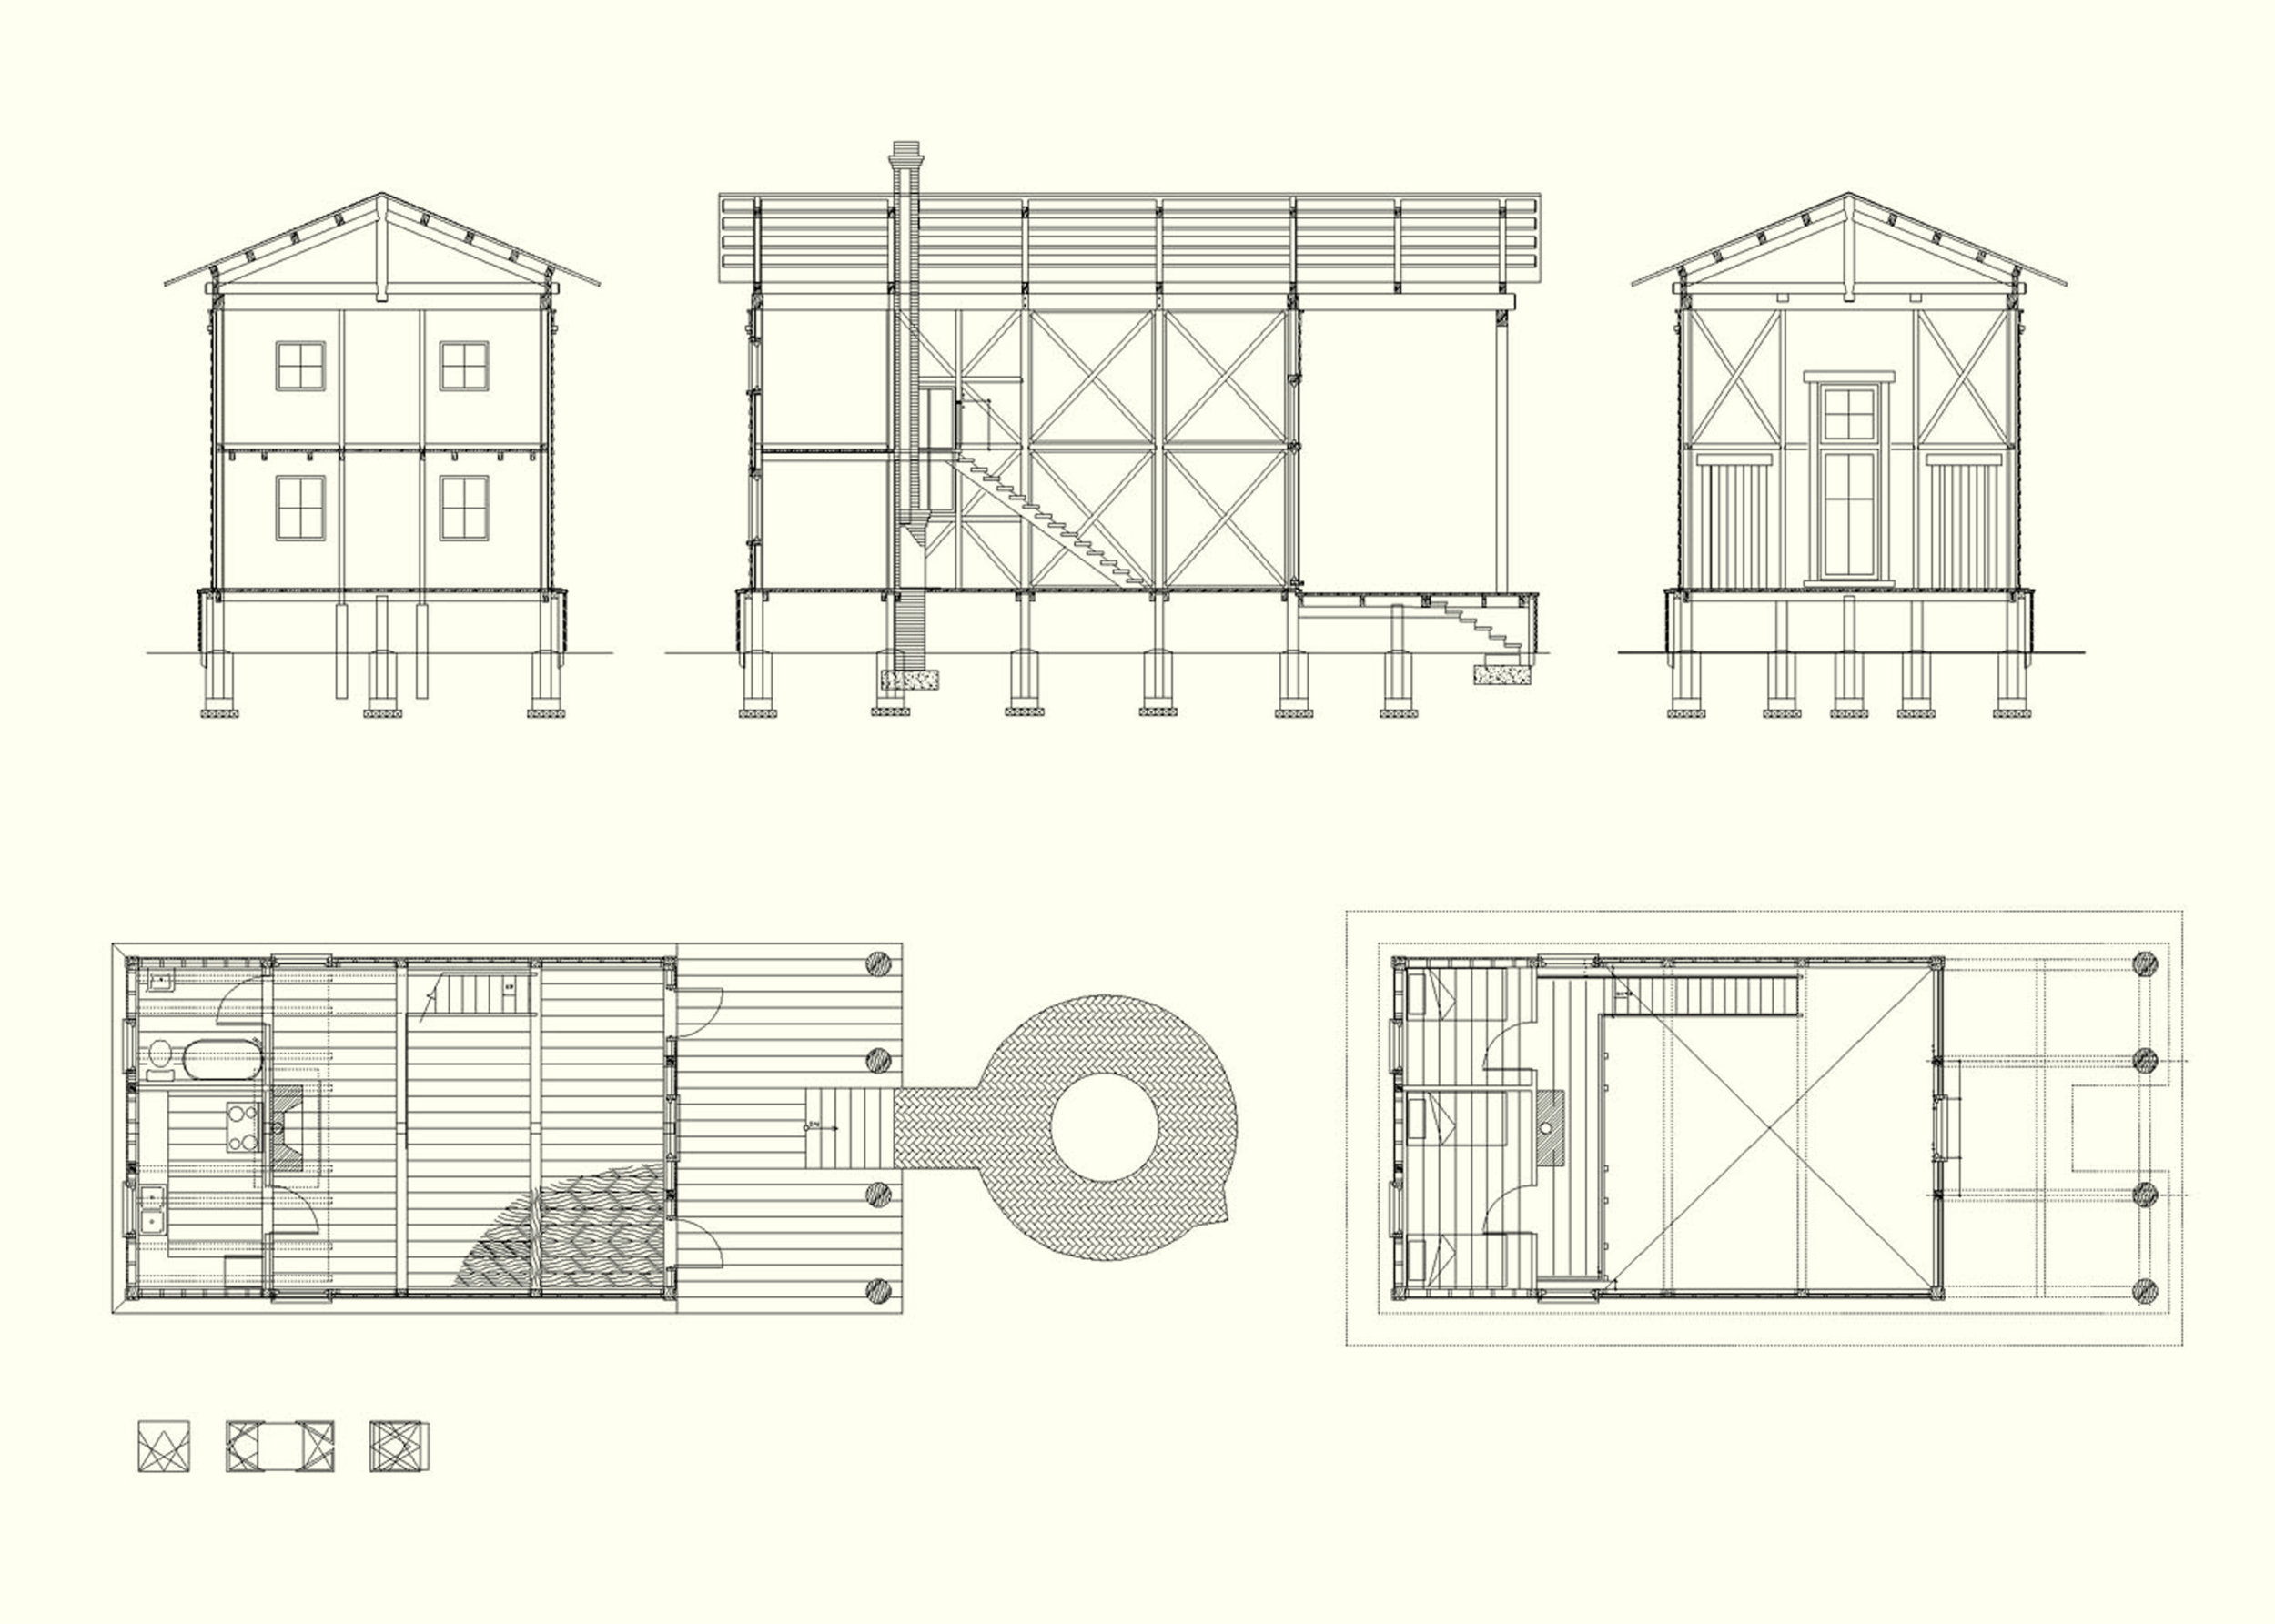 13_ponpon_reggiegibsonarchitects.png